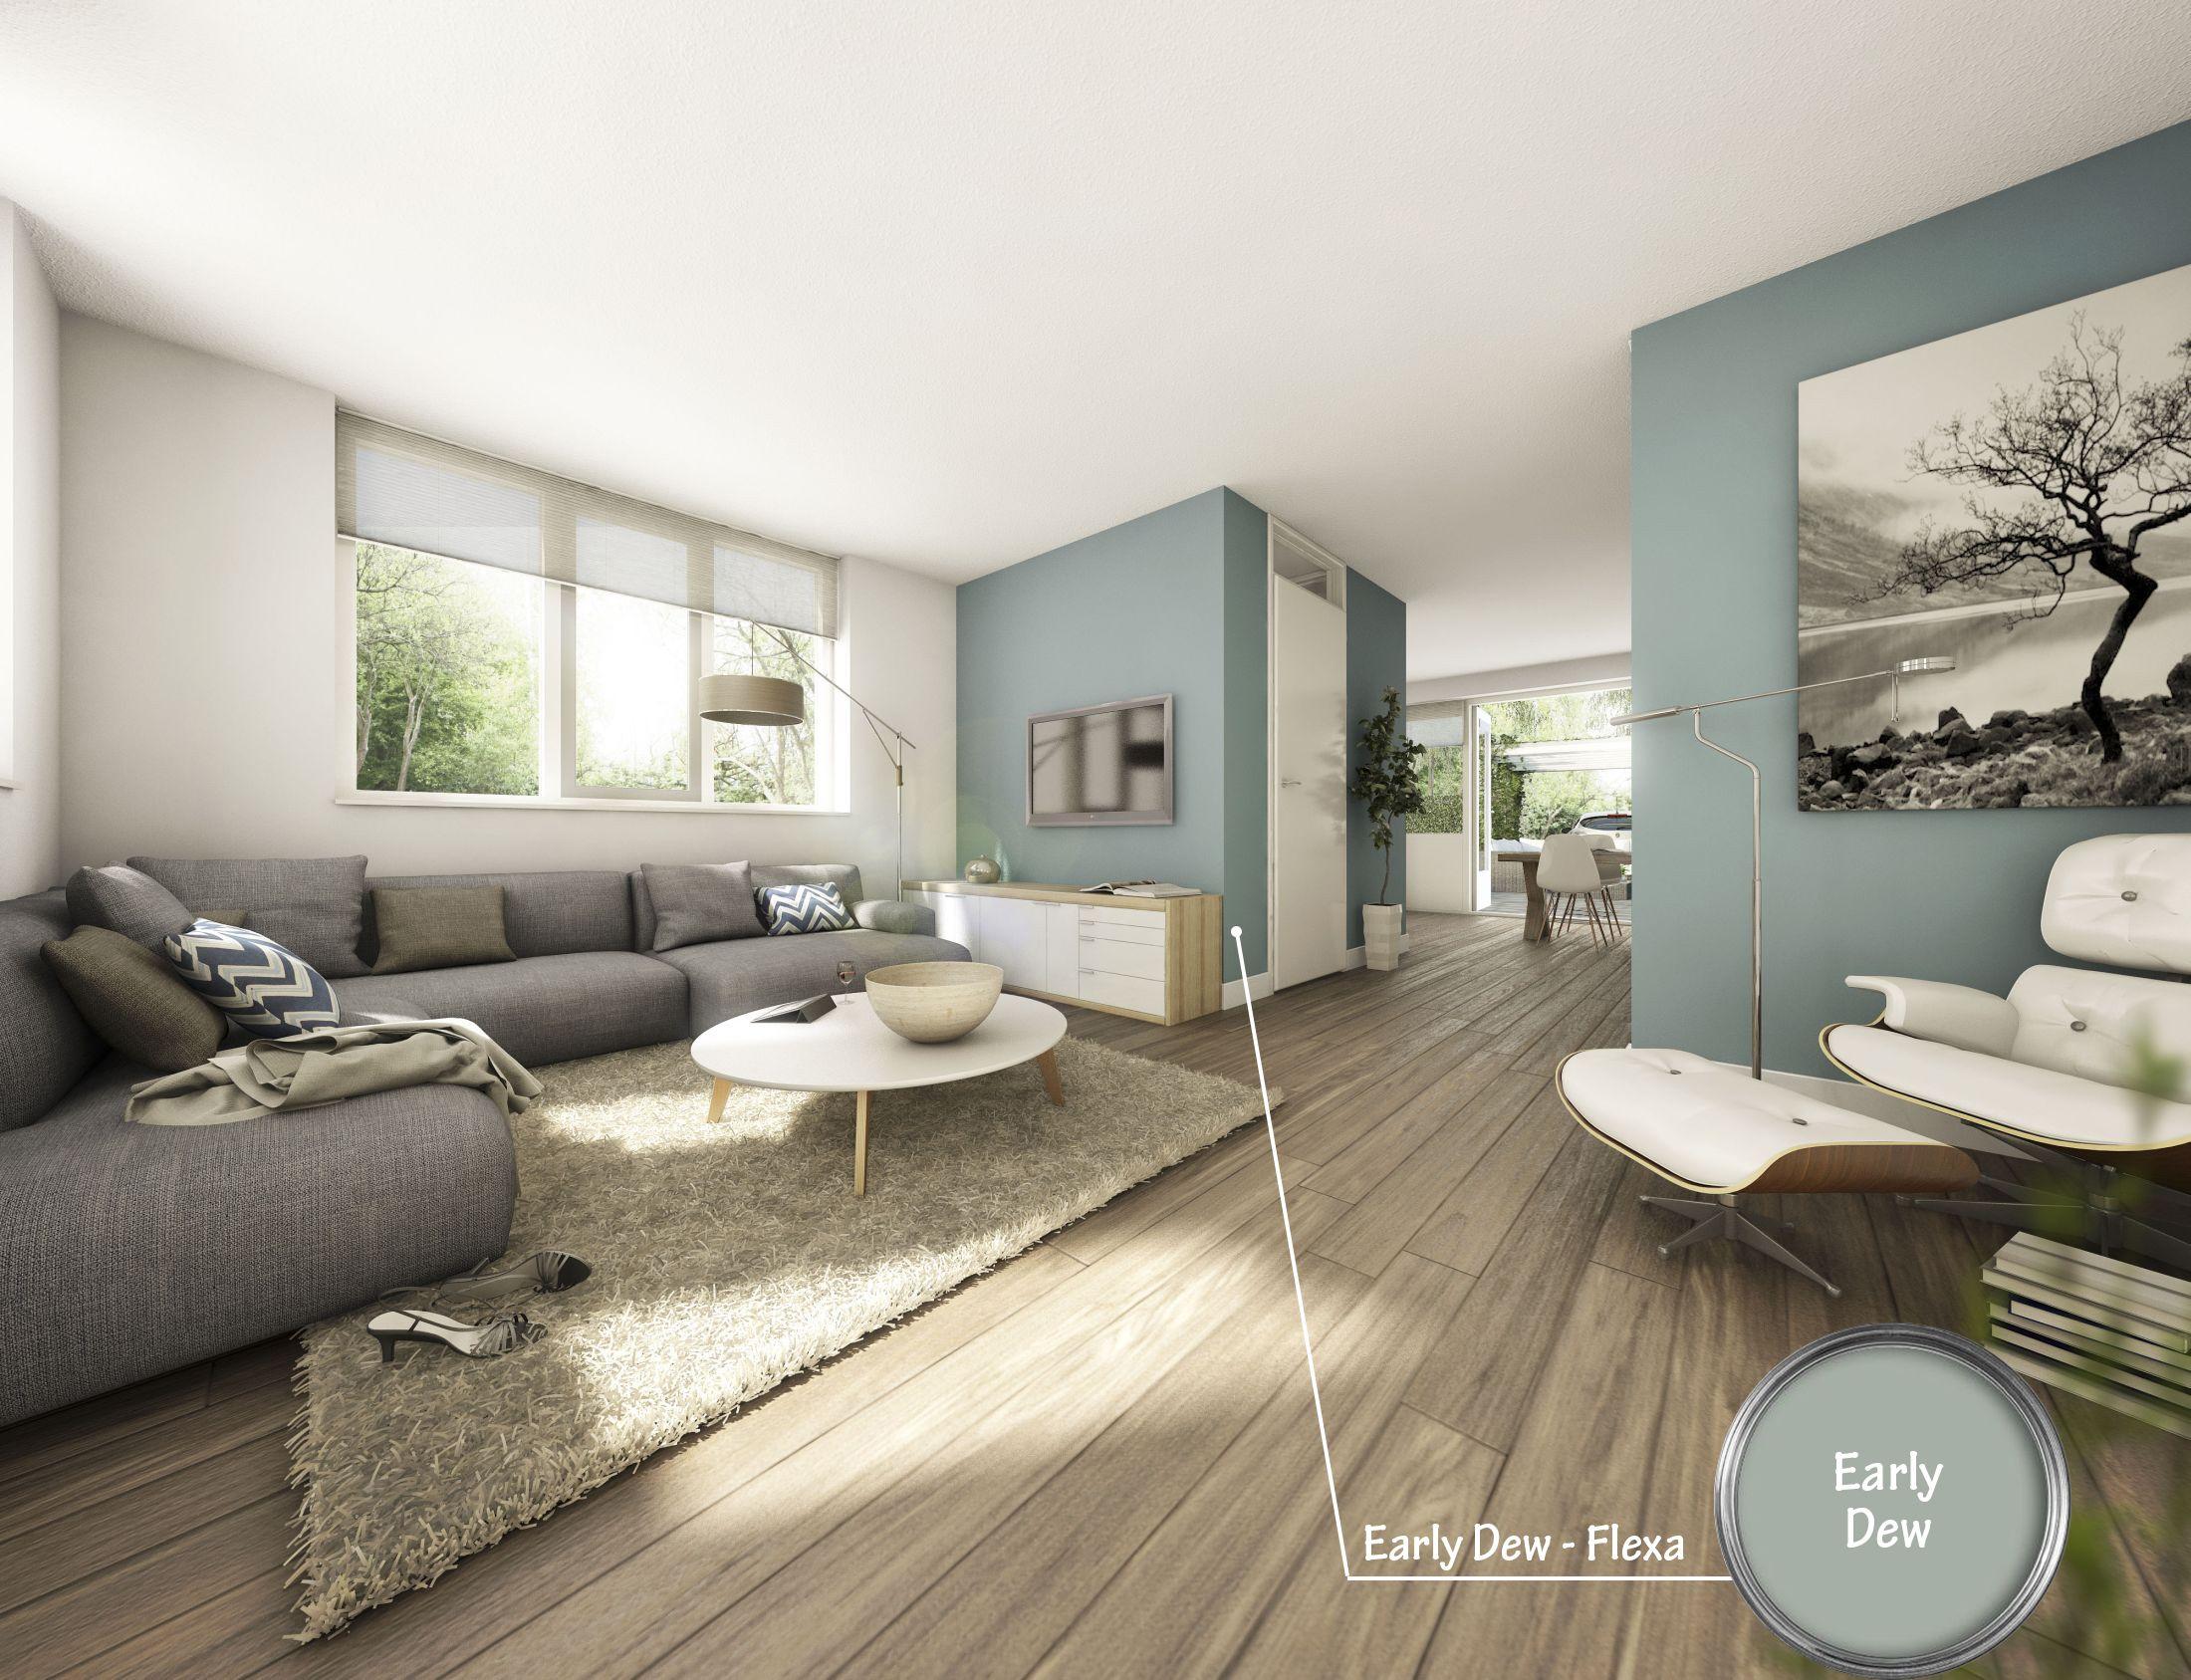 Frisse woonkamer met prachtige kleur early dew van flexa new home ideas pinterest kleur - Associatie van kleur e geen schilderij ...